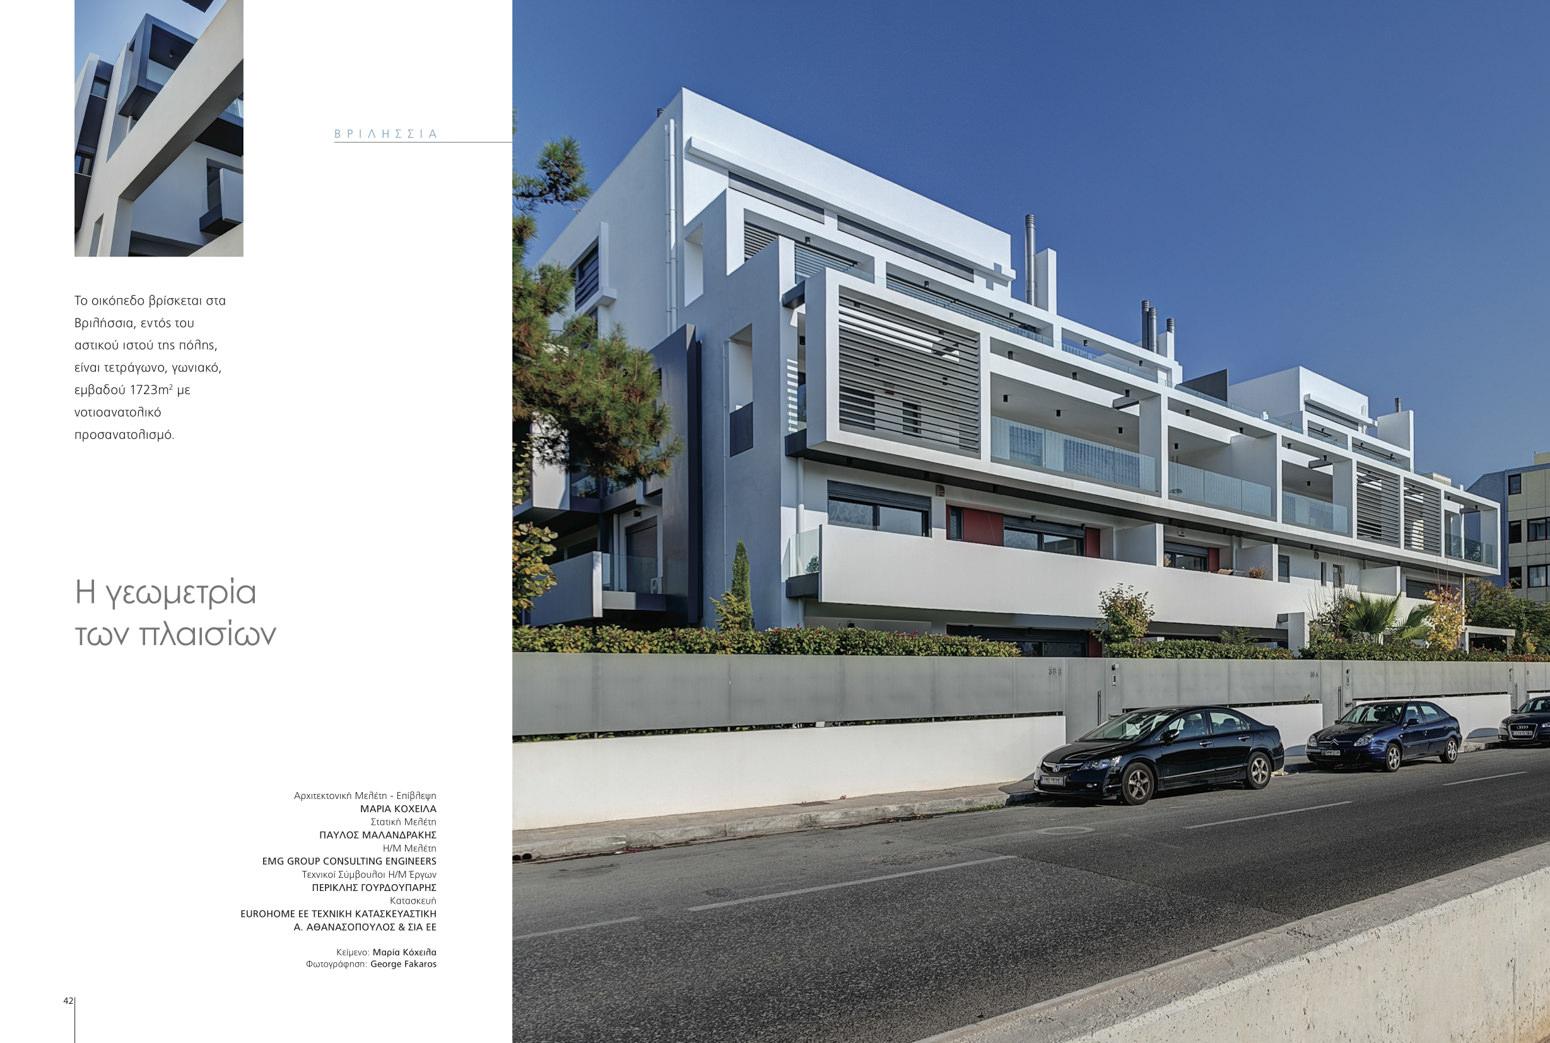 Contemporary Apartment Blocks, Γιώργος Φάκαρος - Αρχιτεκτονική Φωτογραφία | Εσωτερικοί Χώροι | Φωτογραφία Ξενοδοχειών - Photography / Φωτογραφία